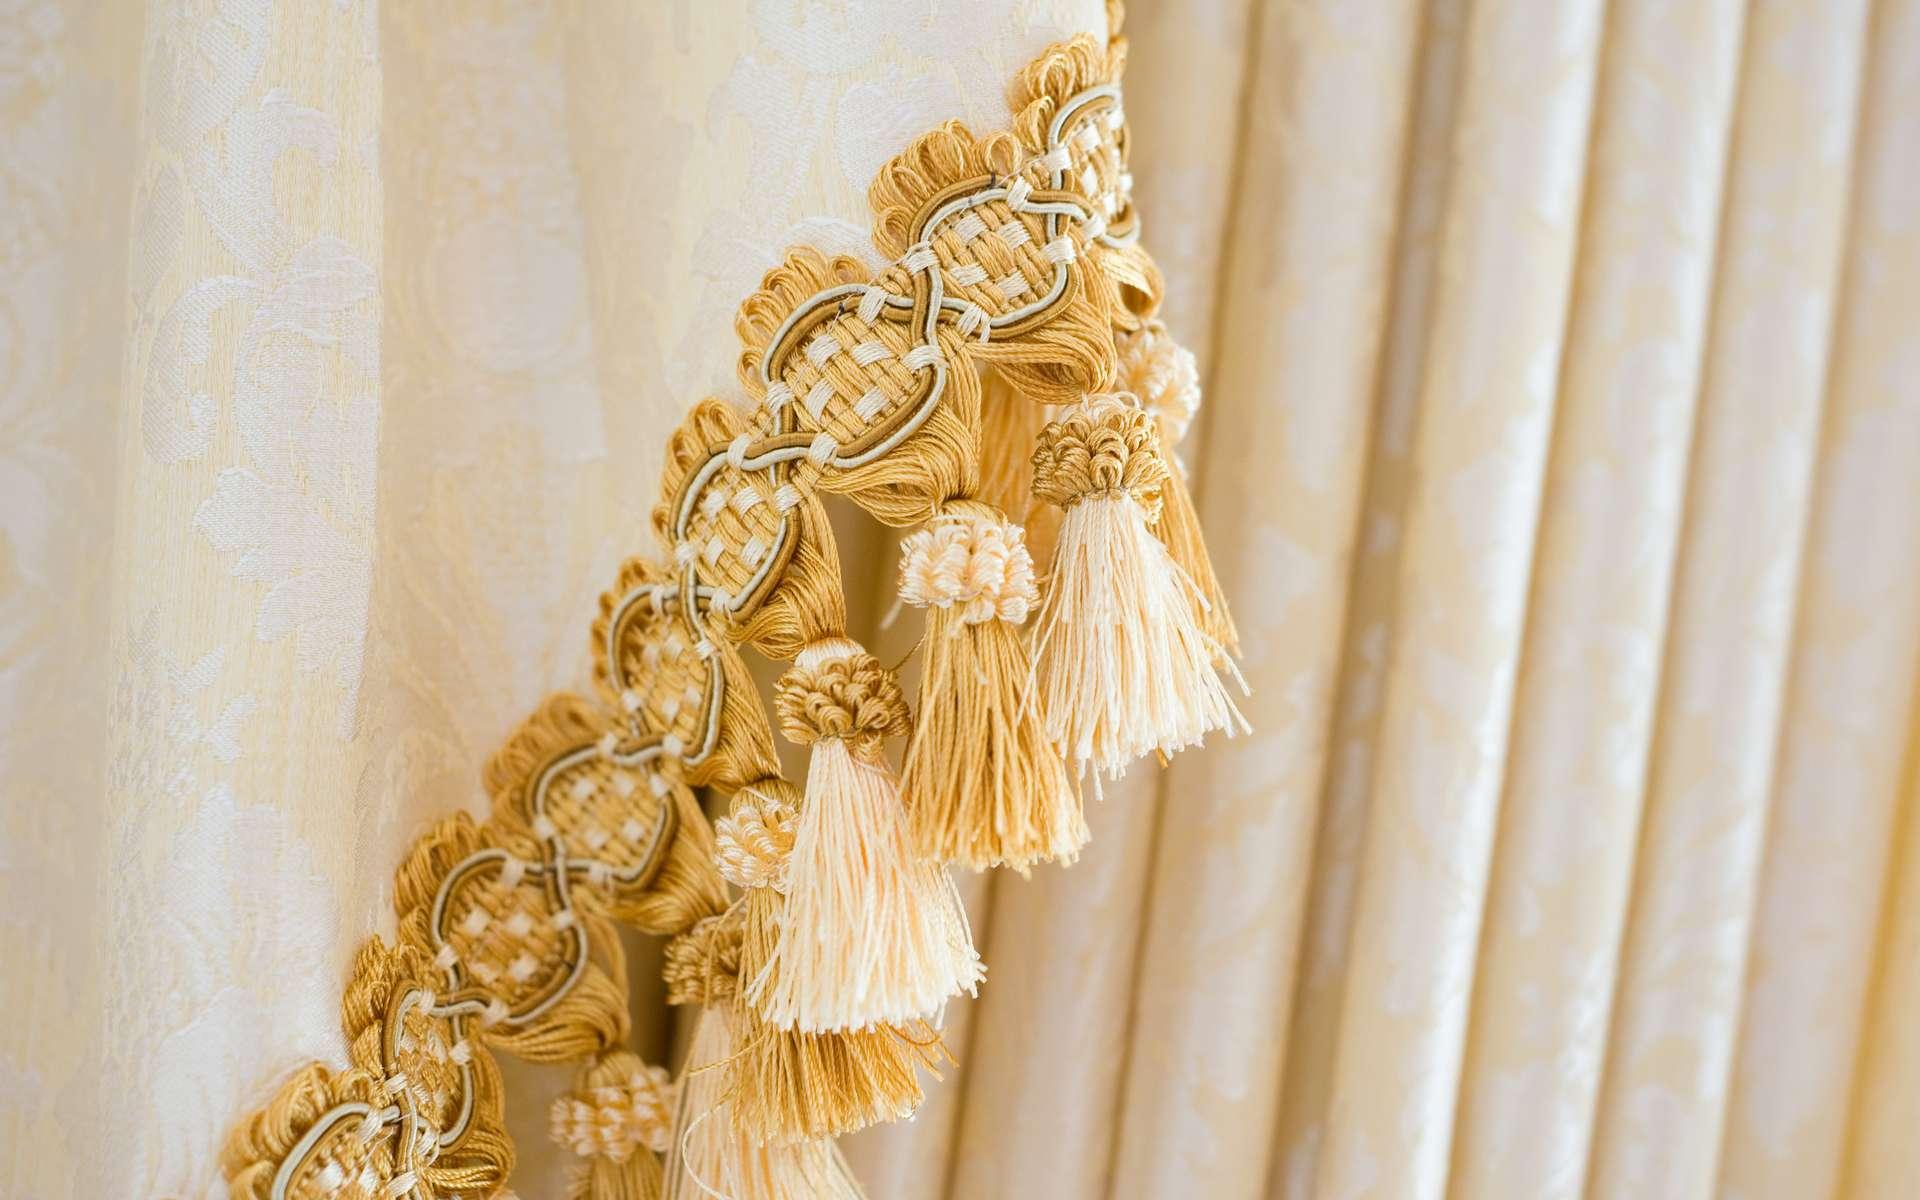 La passementerie regroupe tous sortes d'ornement tels que ganses, galons, franges, liserés, tresses, rubans… sur des tenues vestimentaires et dans l'ameublement. © xy, Adobe Stock